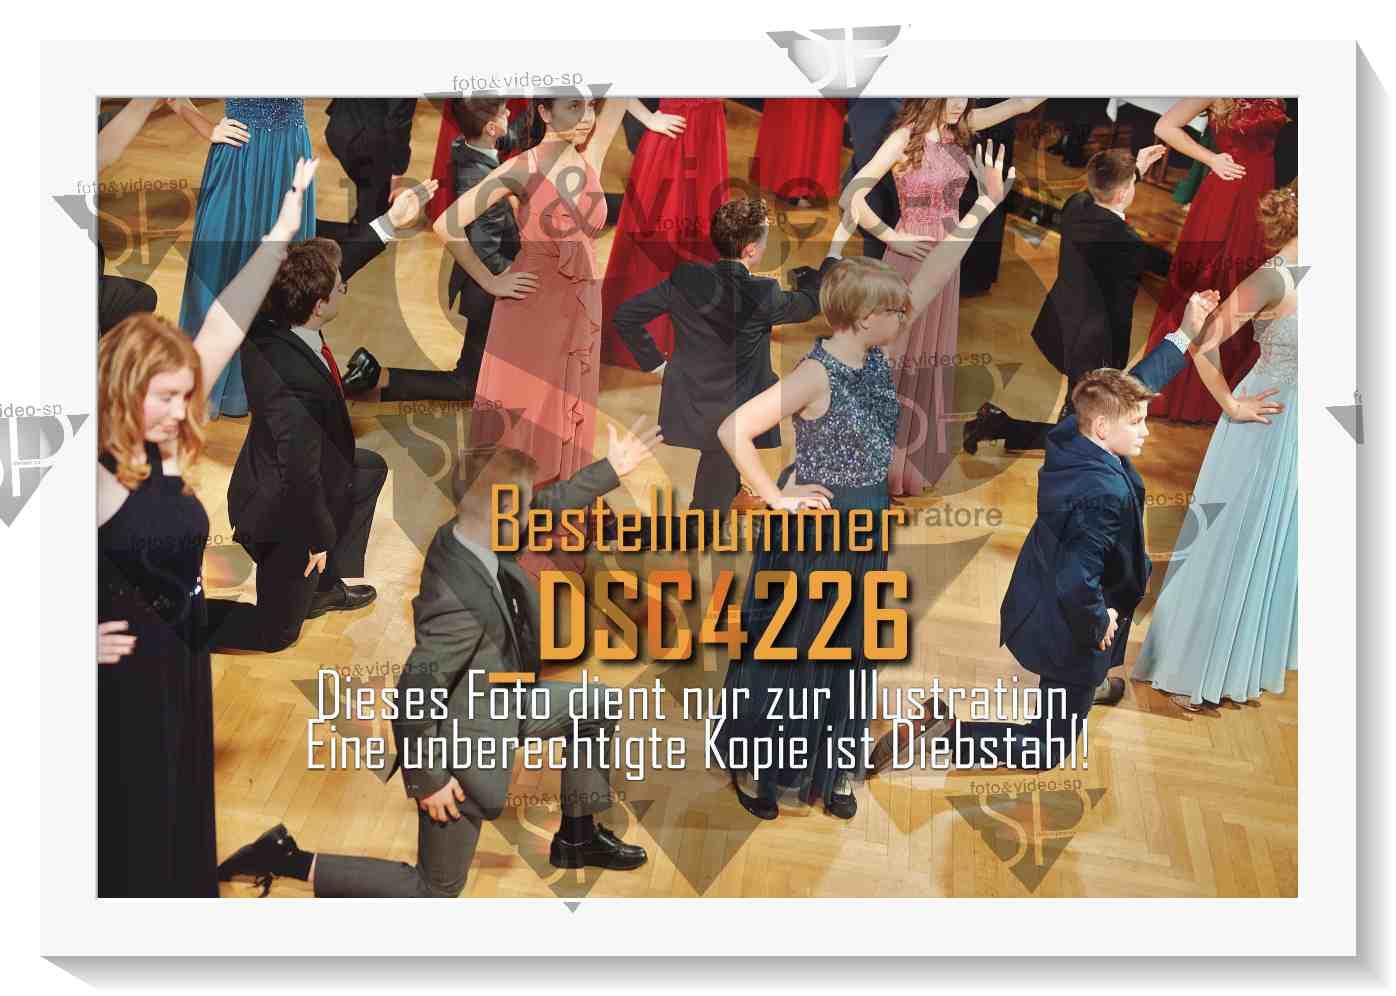 DSC4226